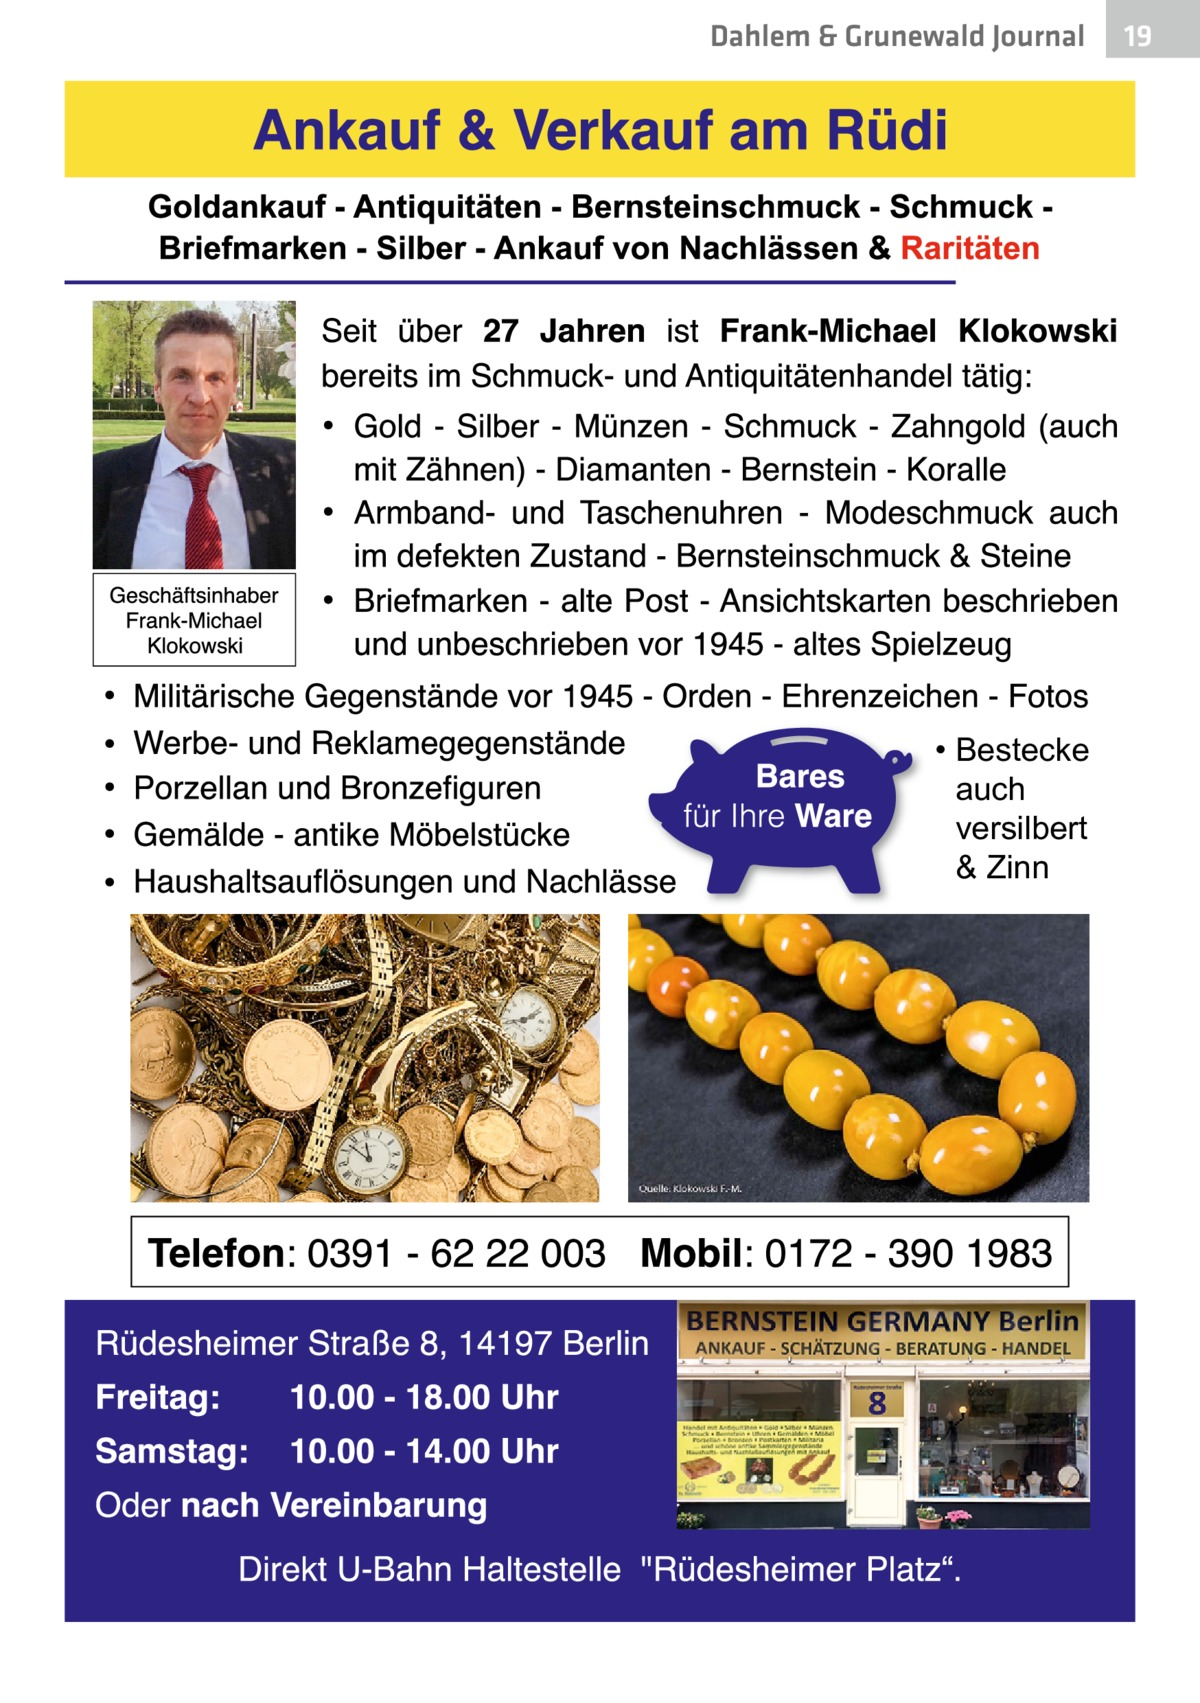 Dahlem & Grunewald Journal  • Bestecke auch versilbert & Zinn  19 19